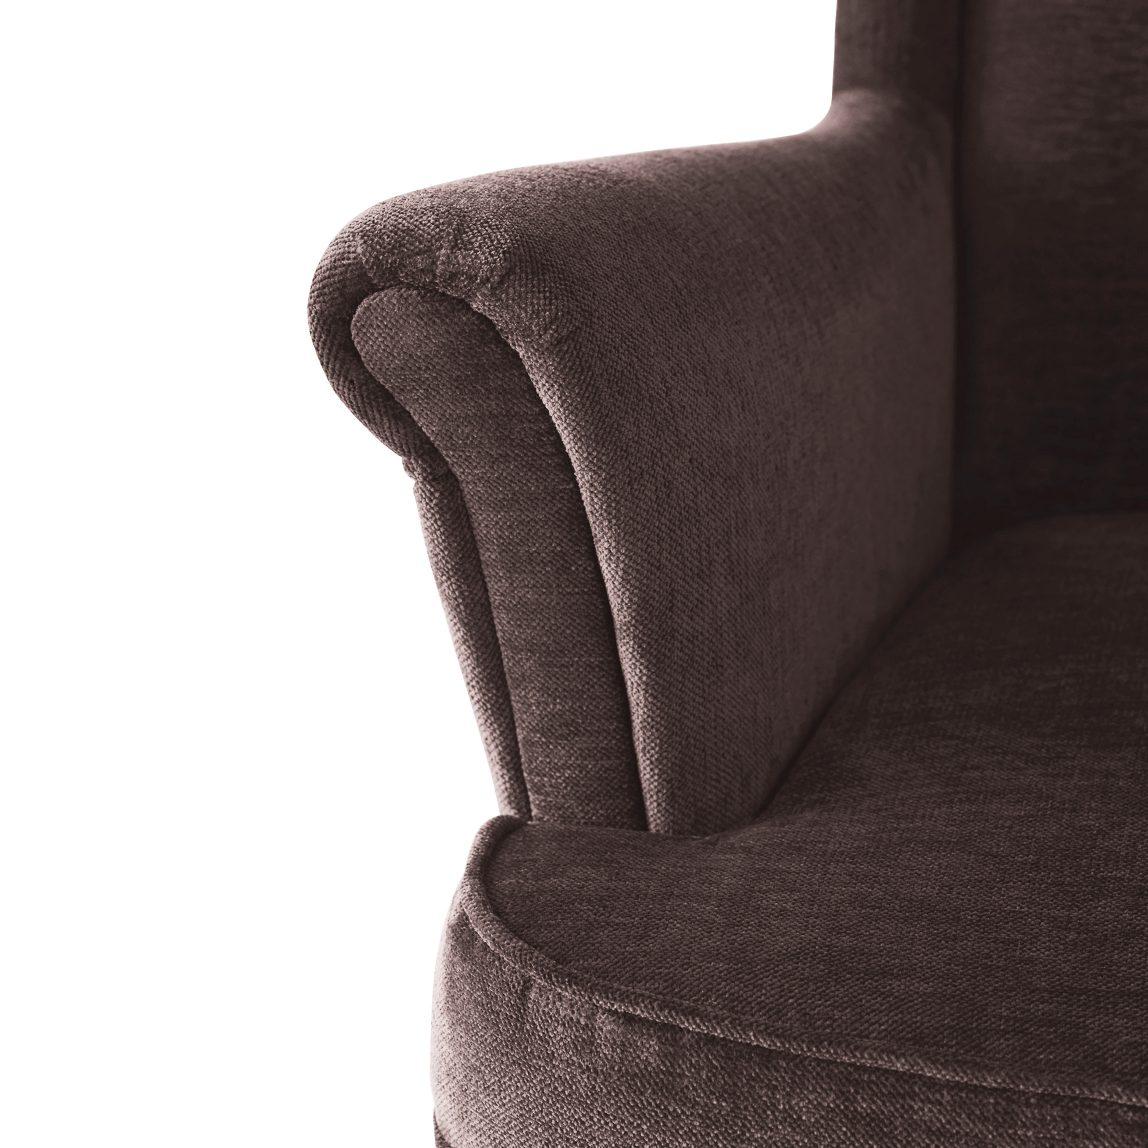 Мягкое кресло в скандинавском стиле